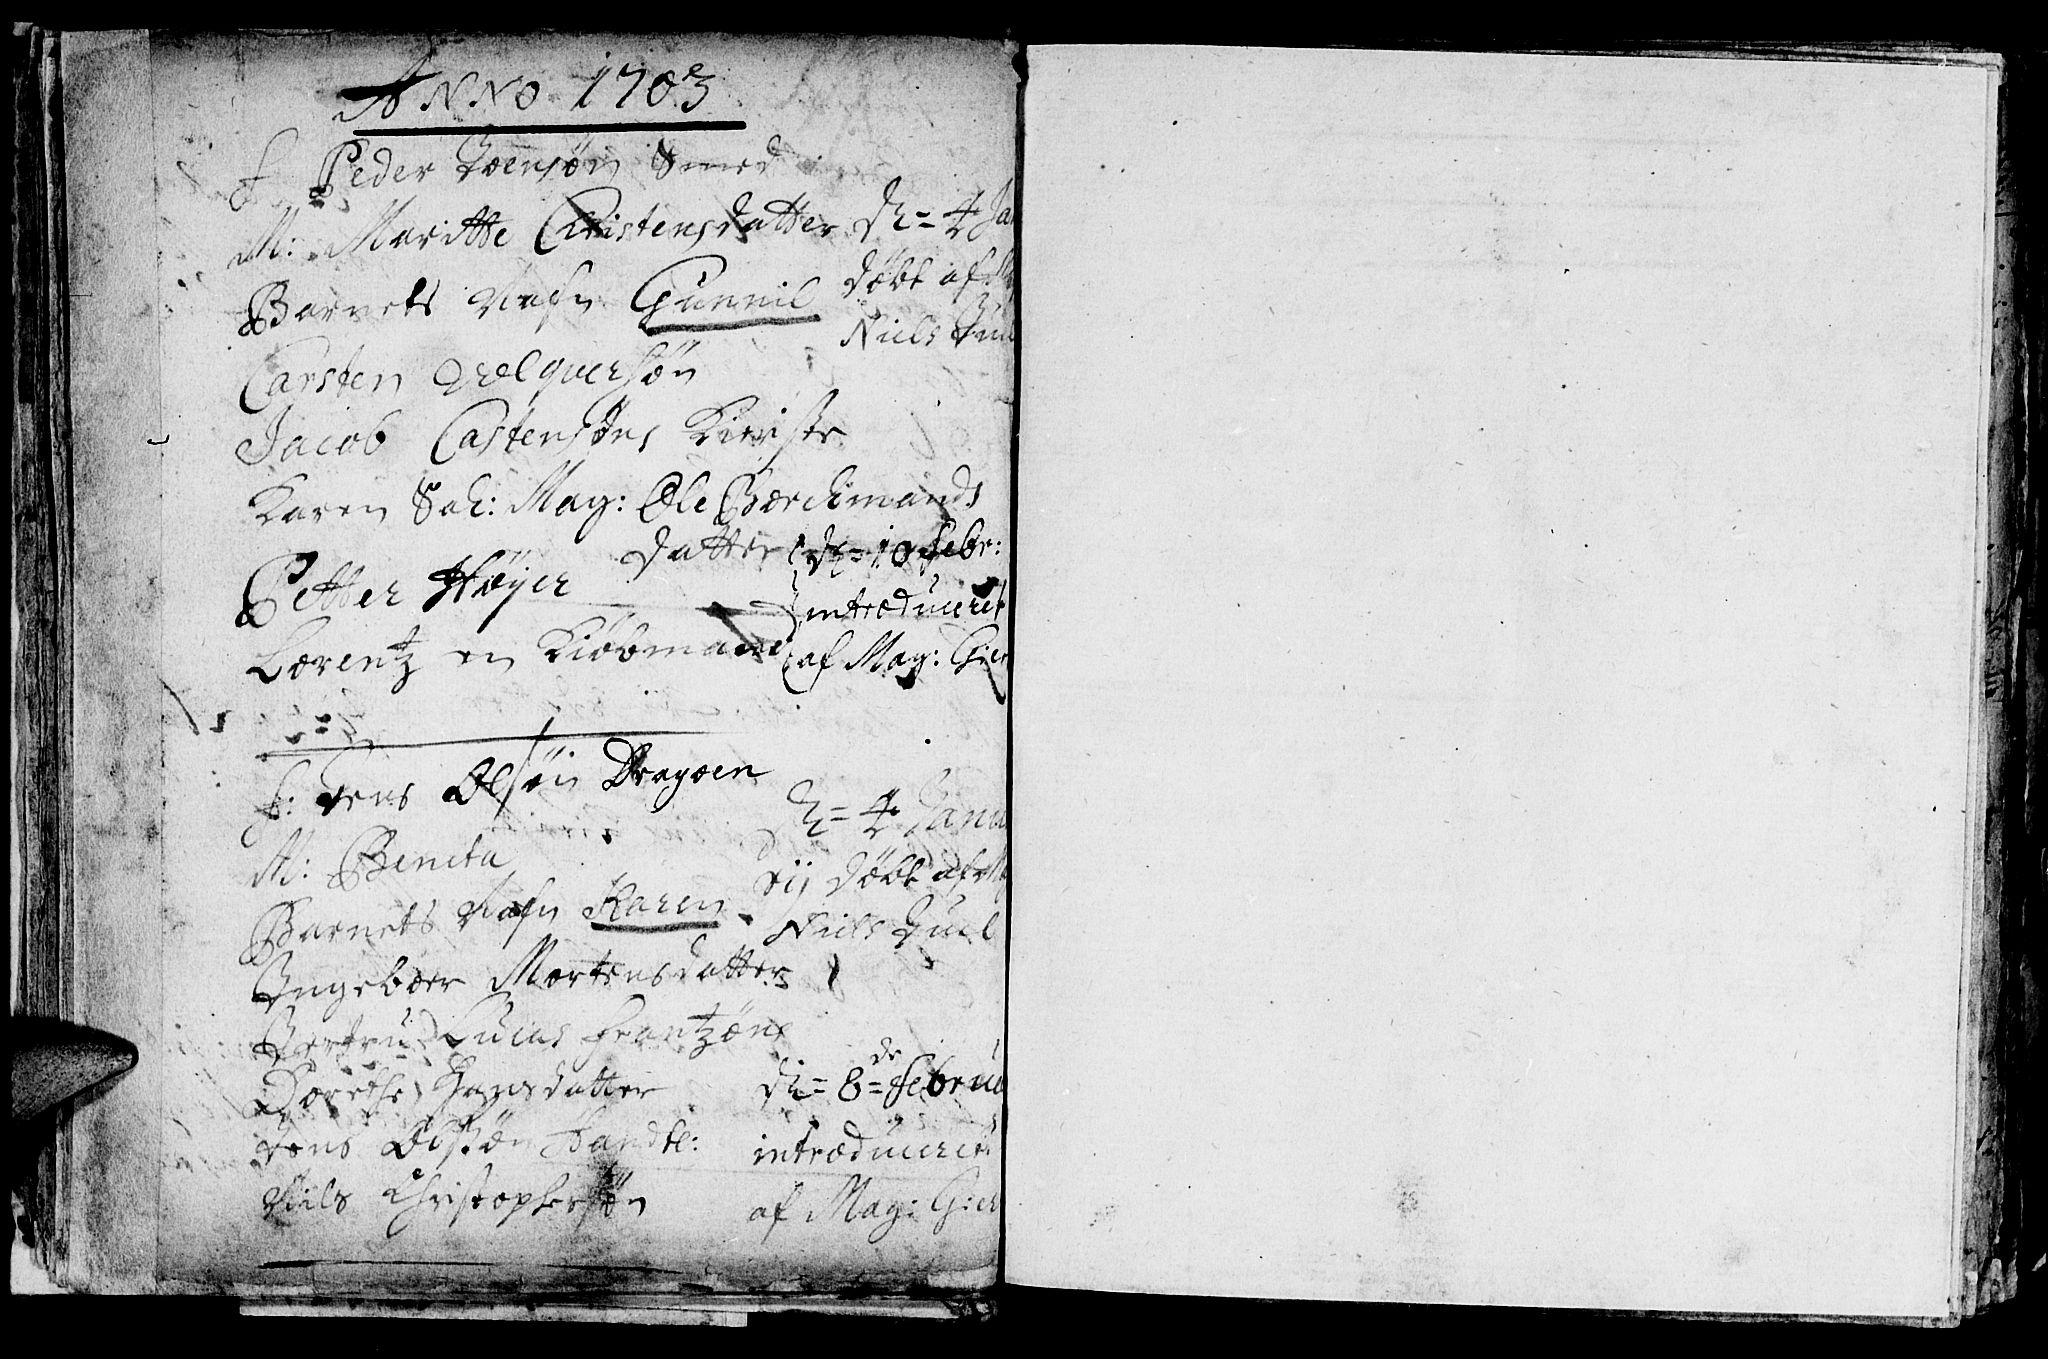 SAT, Ministerialprotokoller, klokkerbøker og fødselsregistre - Sør-Trøndelag, 601/L0034: Ministerialbok nr. 601A02, 1702-1714, s. 17b